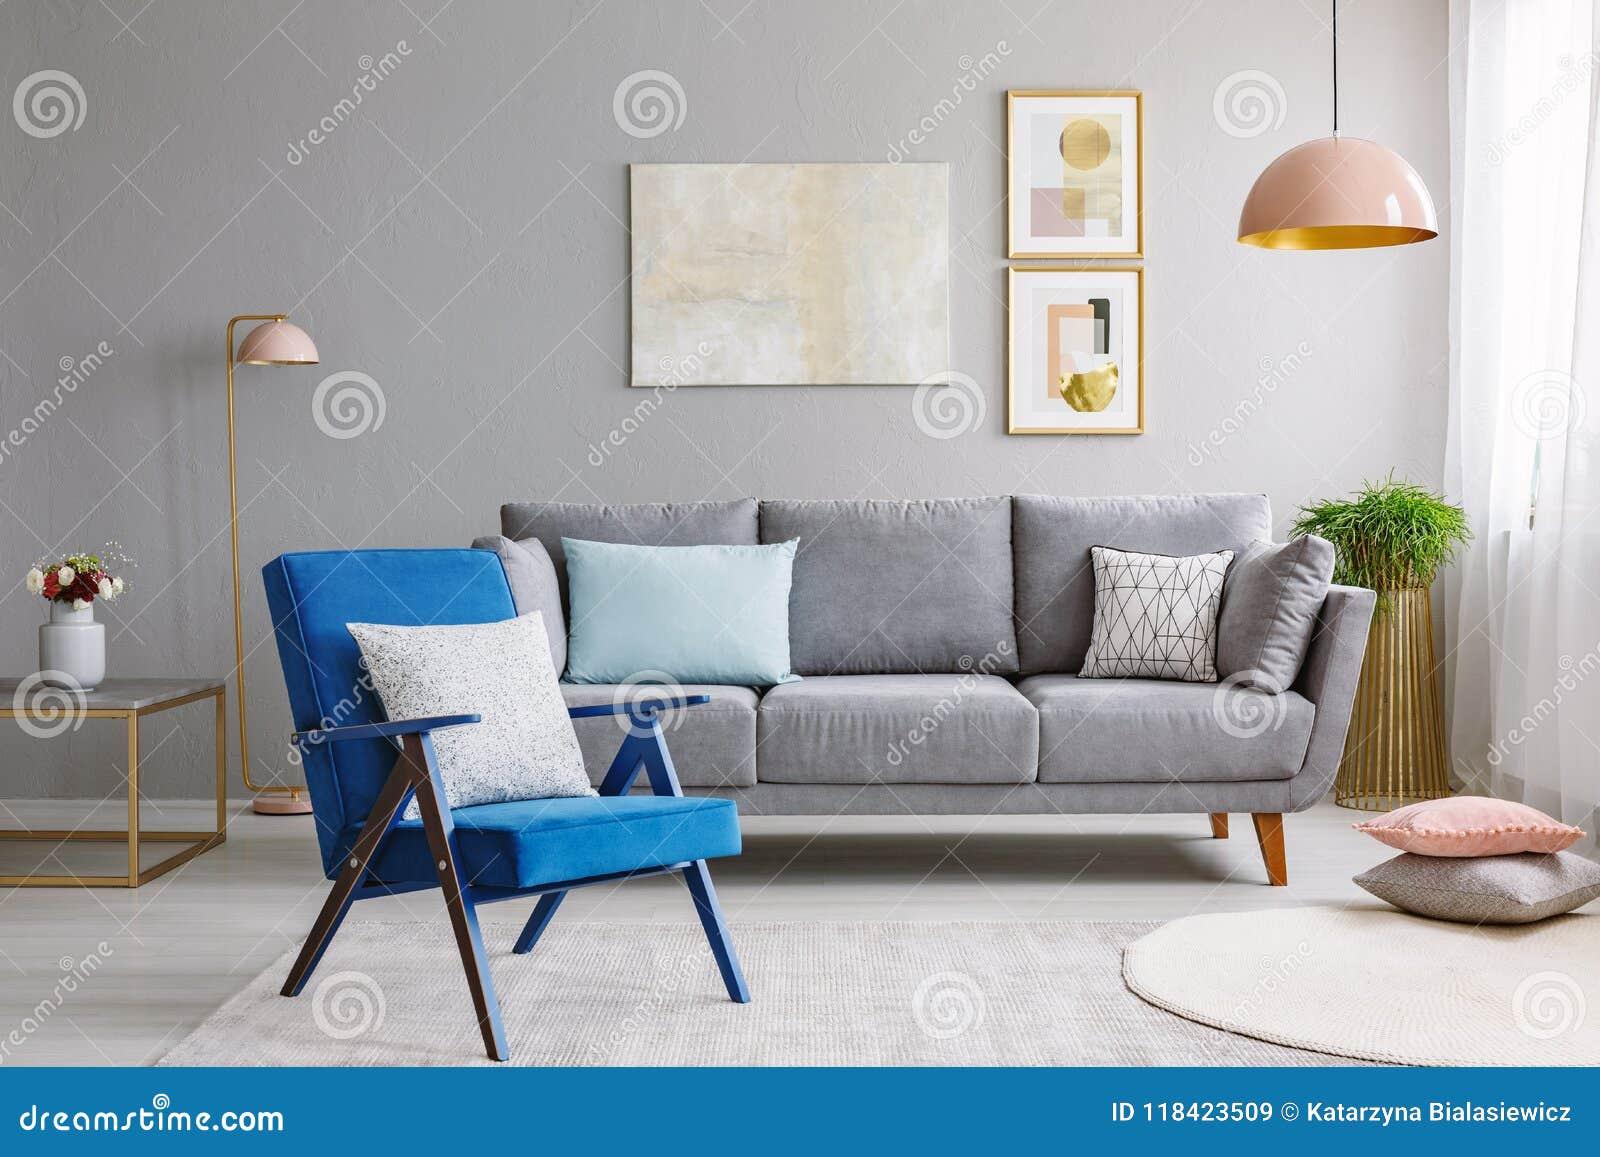 Poltrona azul perto do canapé cinzento em wi interiores da sala de visitas moderna